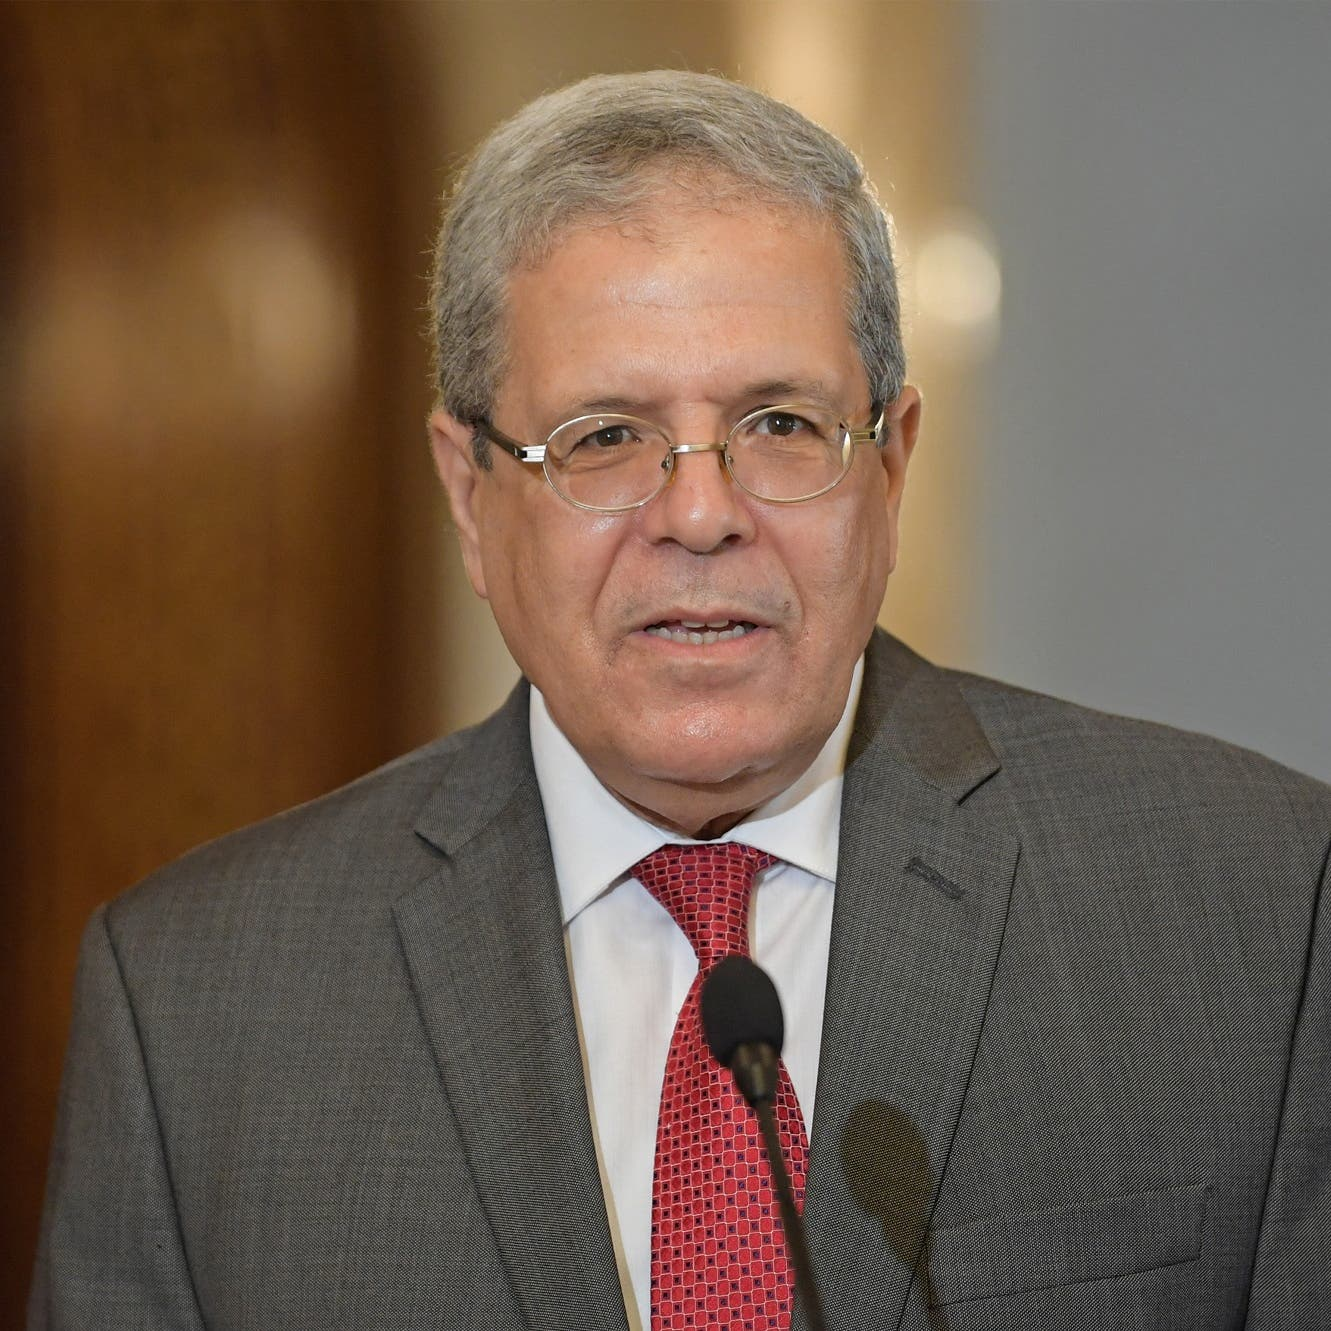 وزير خارجية تونس: محاولة إرباك علاقاتنا الدولية عمل عدائي